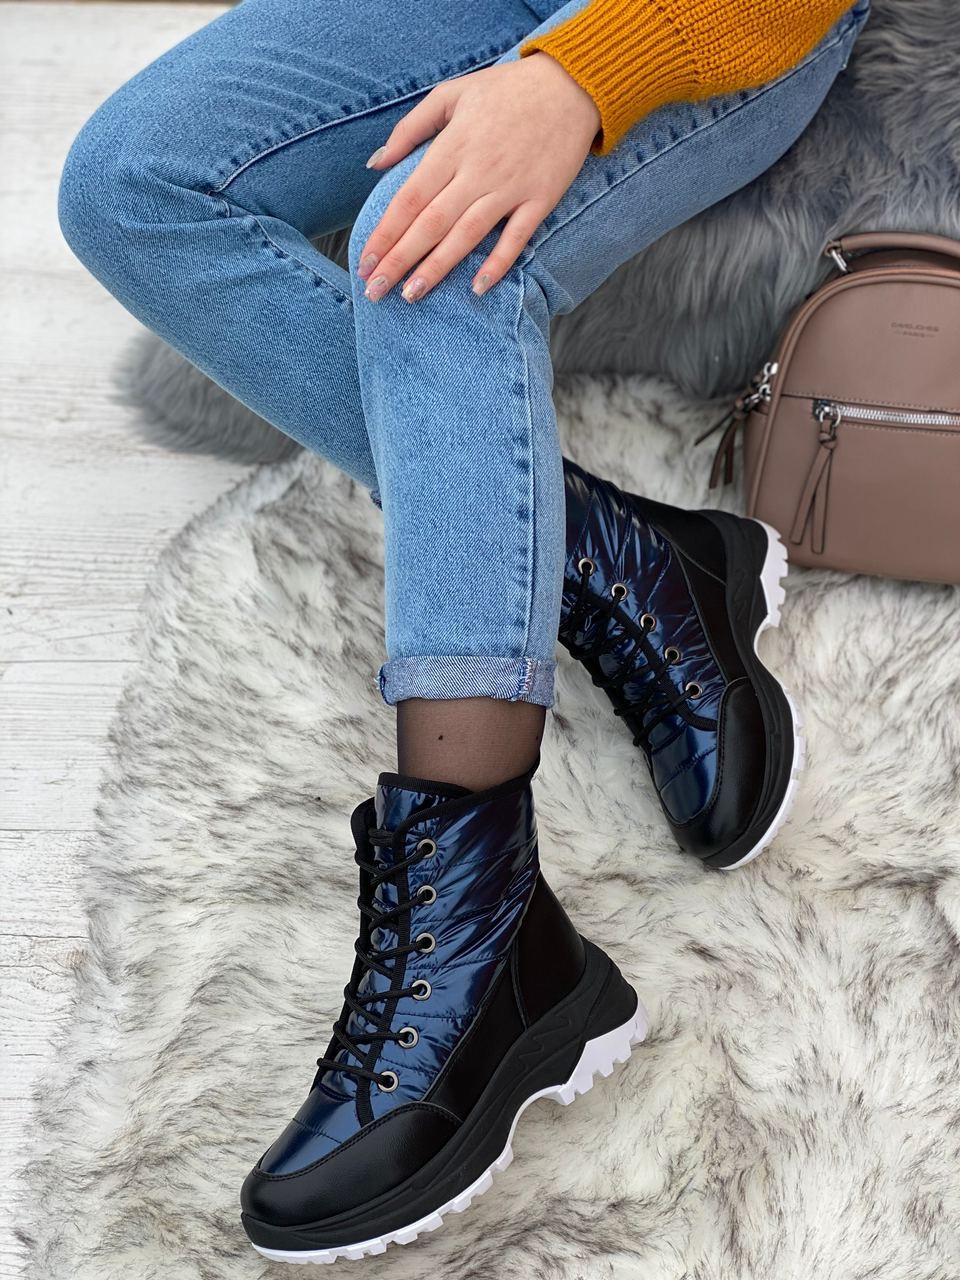 Ботинки женские зимние 8 пар в ящике синего цвета 36-41